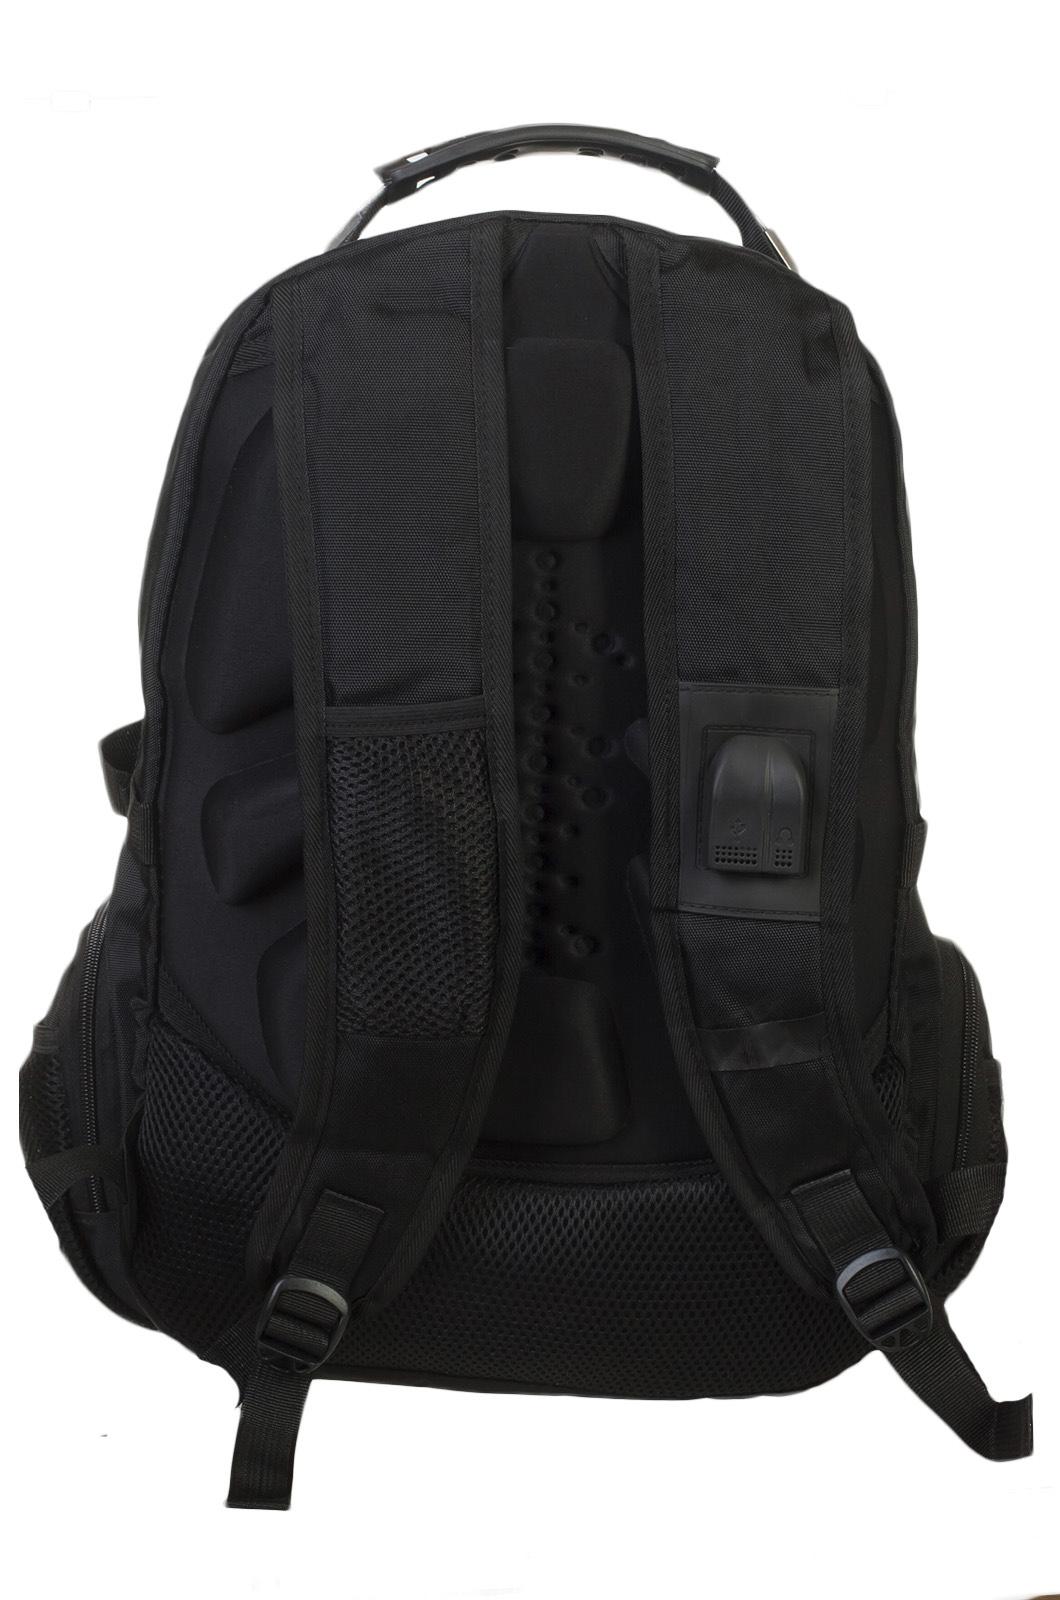 Многофункциональный городской рюкзак с эмблемой ТАМОЖНЯ купить в подарок